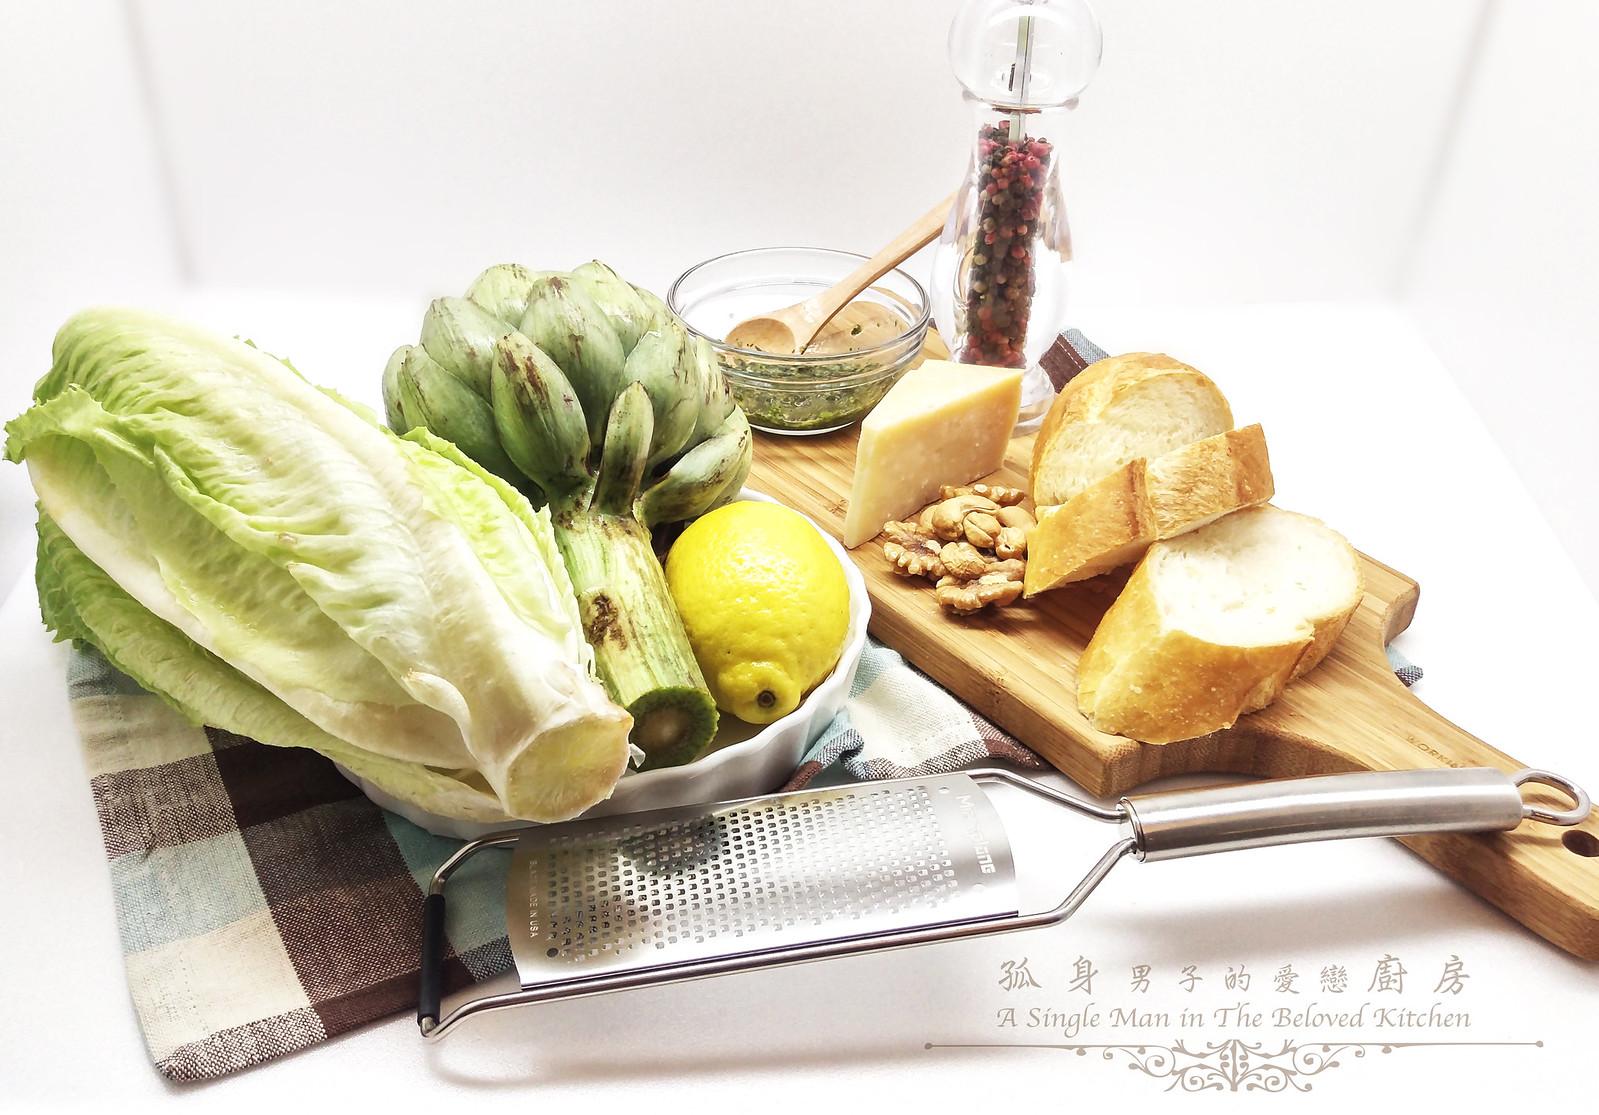 孤身廚房-青醬帕瑪森起司鑲烤朝鮮薊佐簡易油醋蘿蔓沙拉1